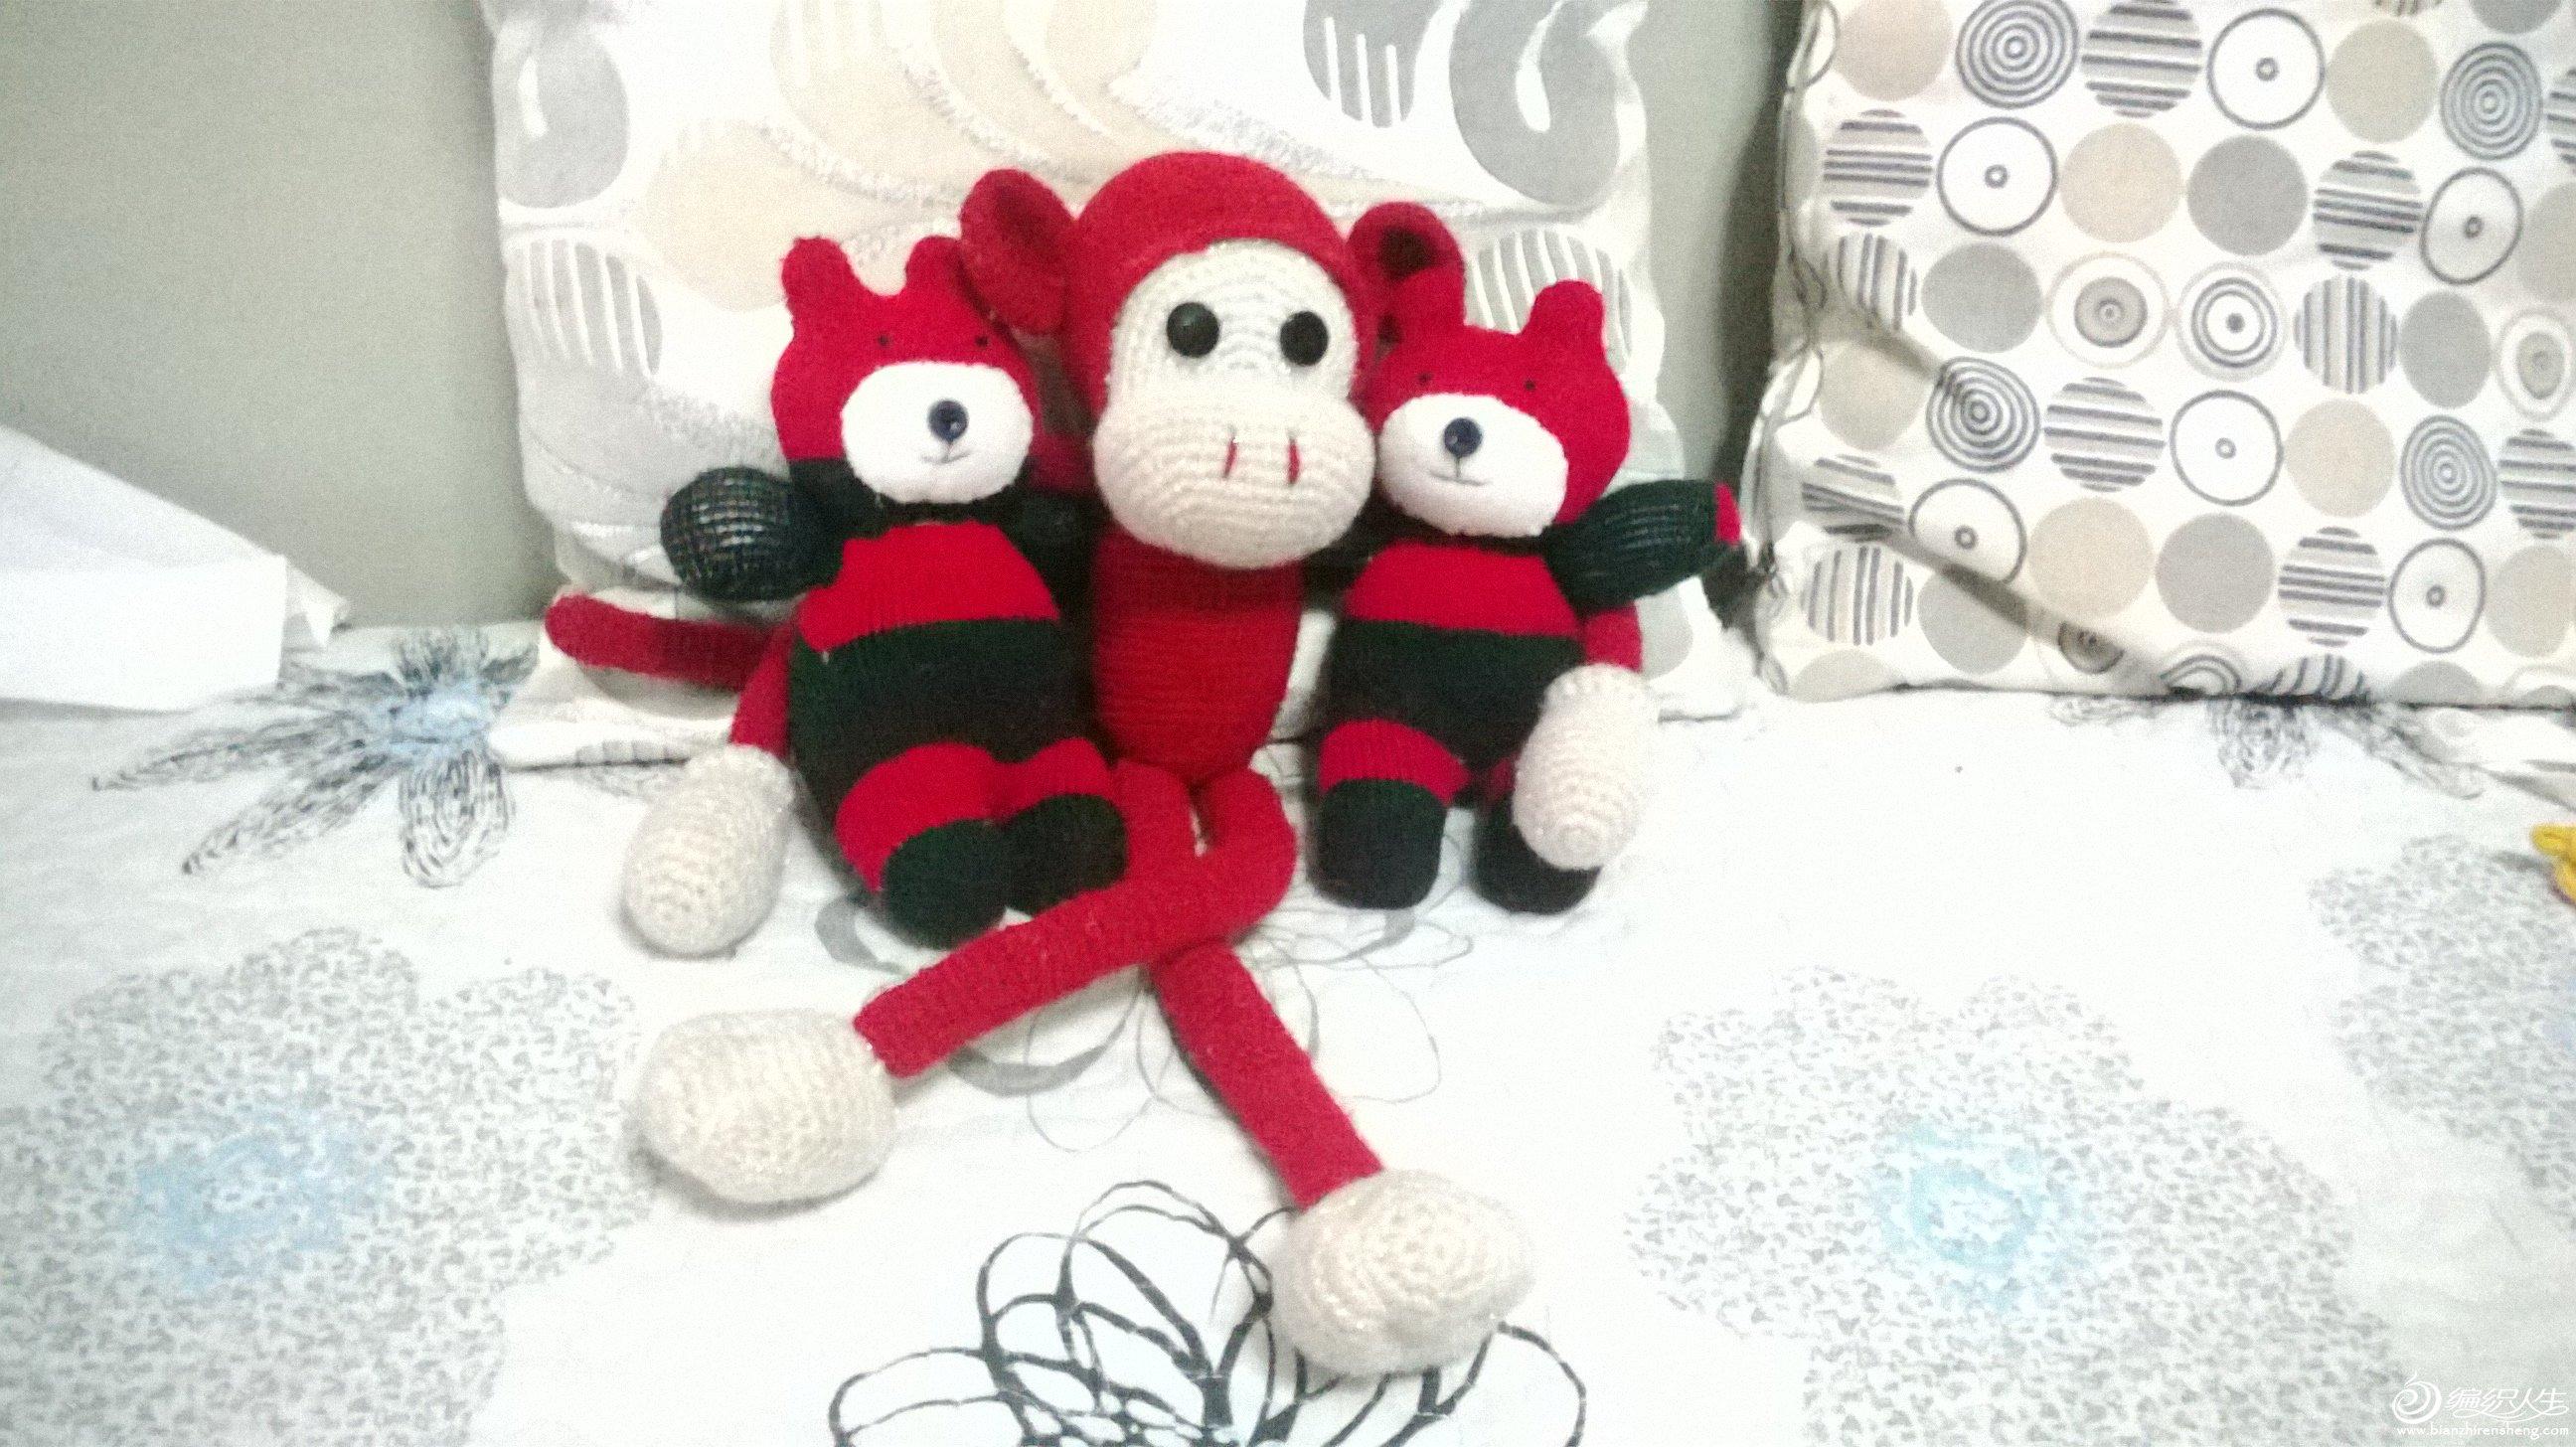 69 玩偶作品&团做 69 袜子娃娃和大嘴猴    马上注册,查看高清大